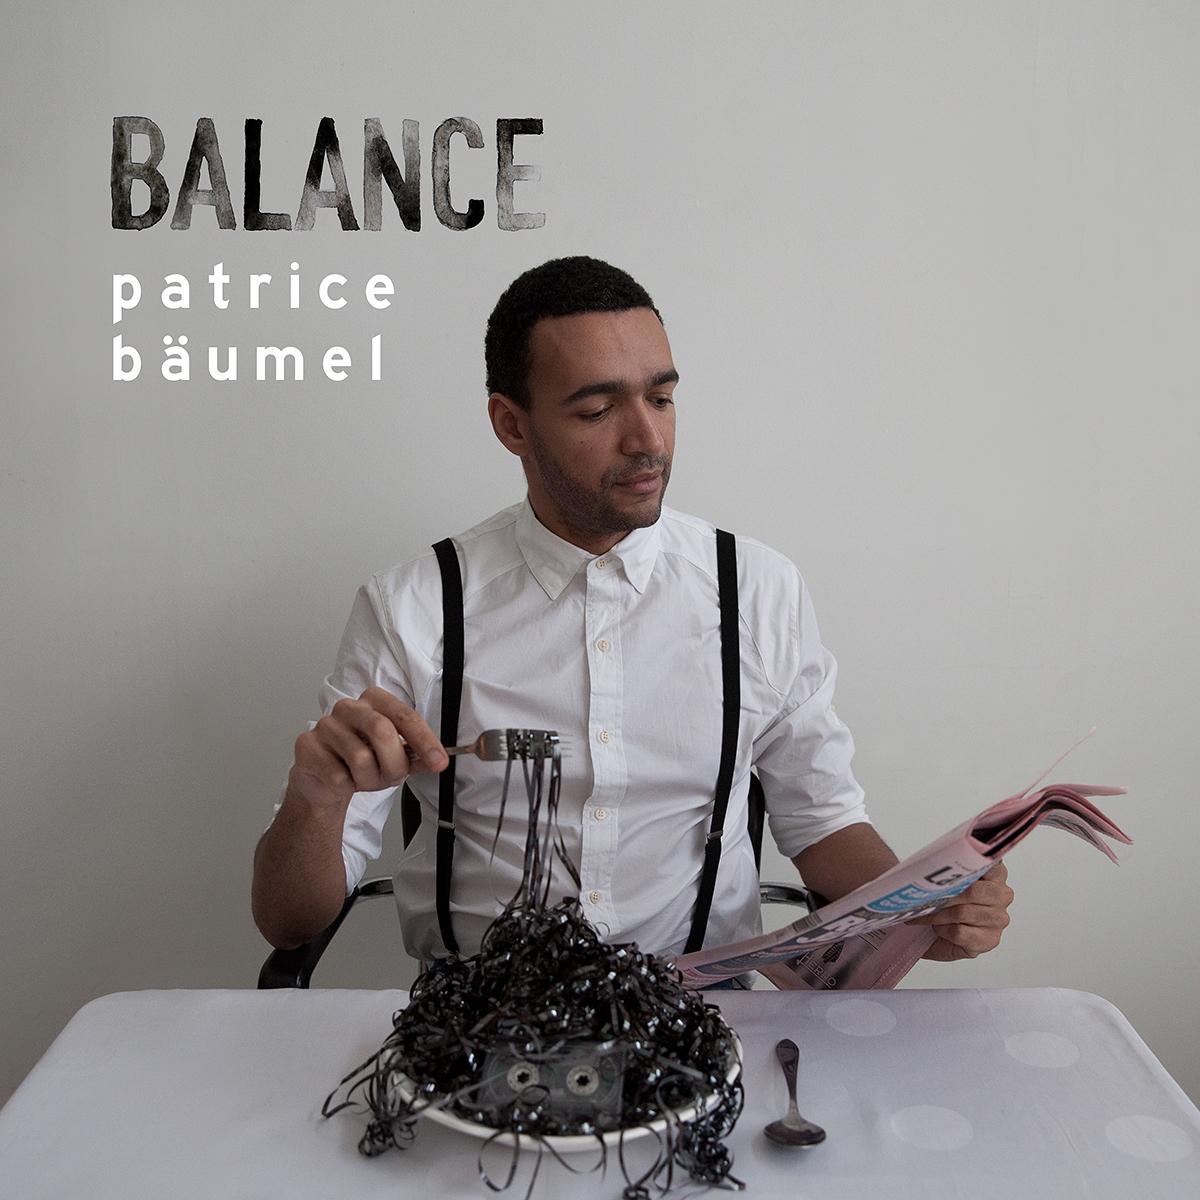 balance_patrice_packshot_lowres